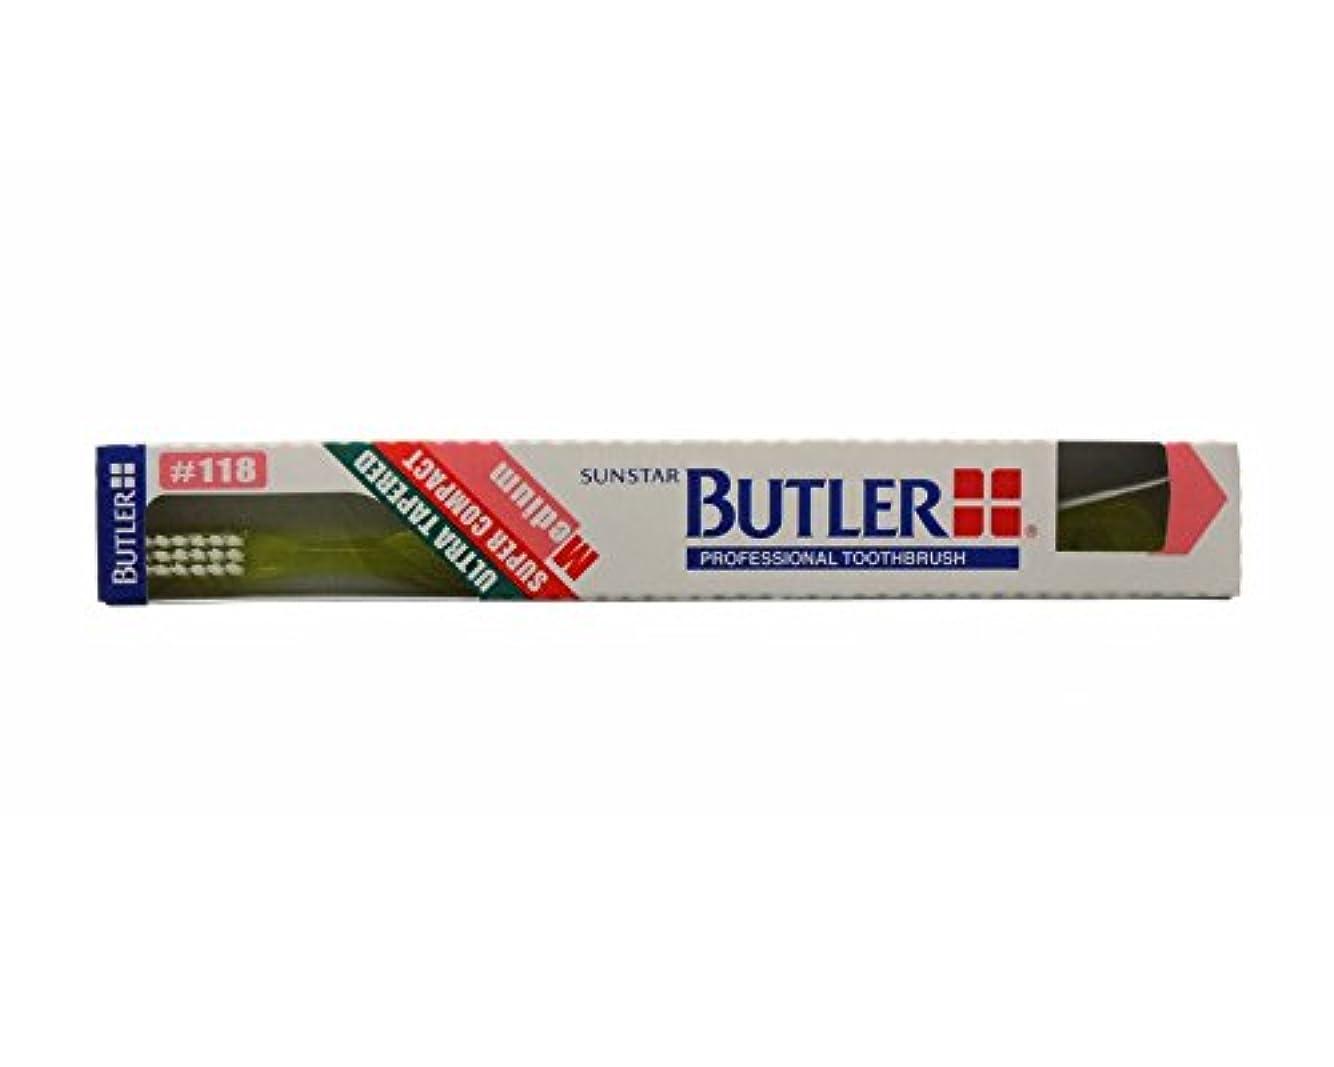 図書館効率振動するバトラー 歯ブラシ 1本 #118 イエロー